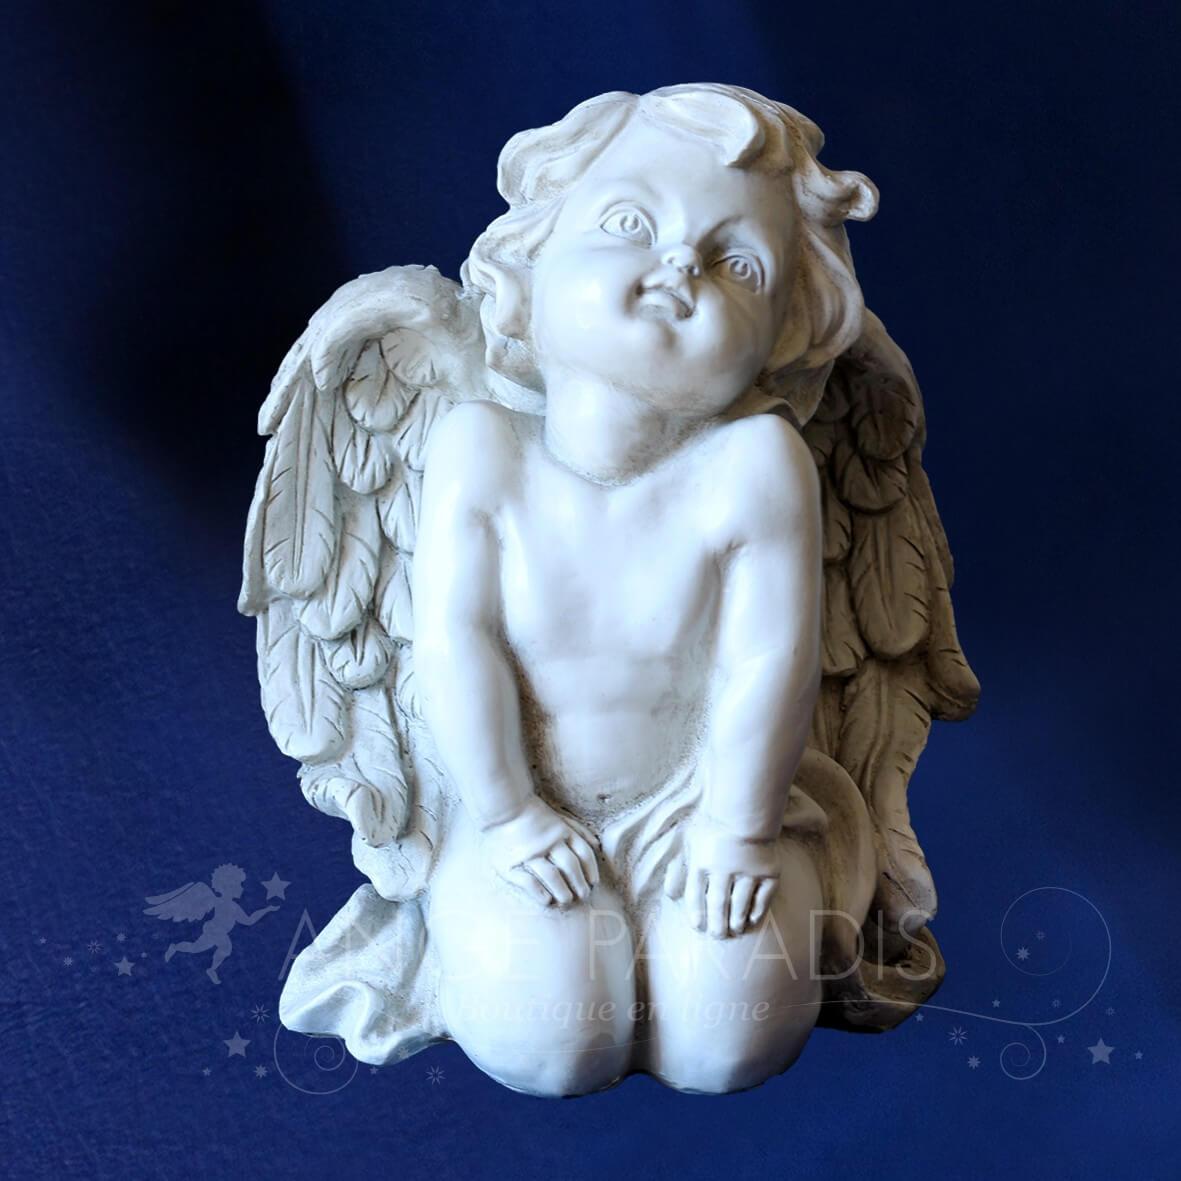 D coration ang lique statue ange pour ext rieur decoration ange pour mariage ou communion - Statue d ange pour exterieur ...